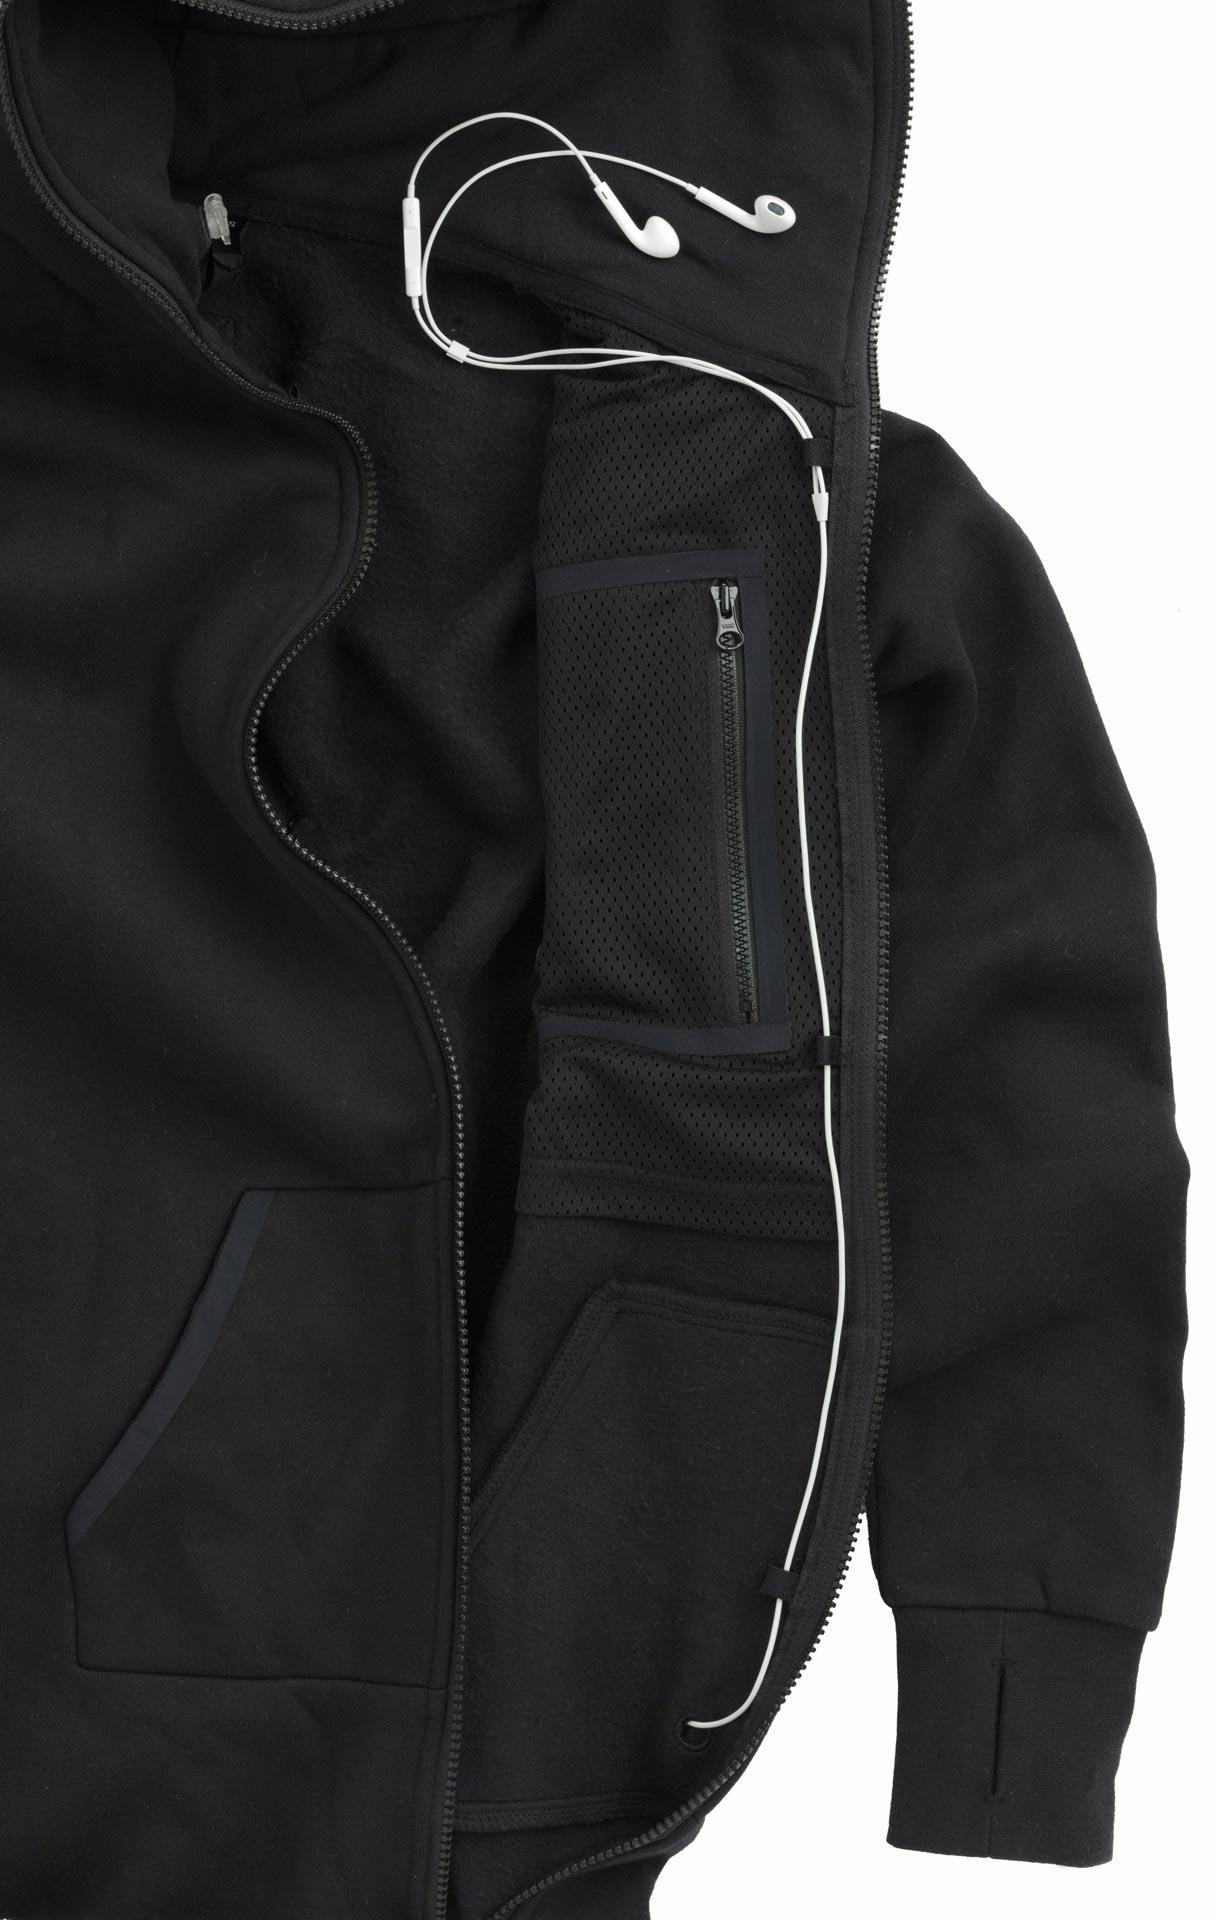 Onepiece: Stealth Jumpsuit mit Brusttaschen und Schlaufen für Kopfhörer.